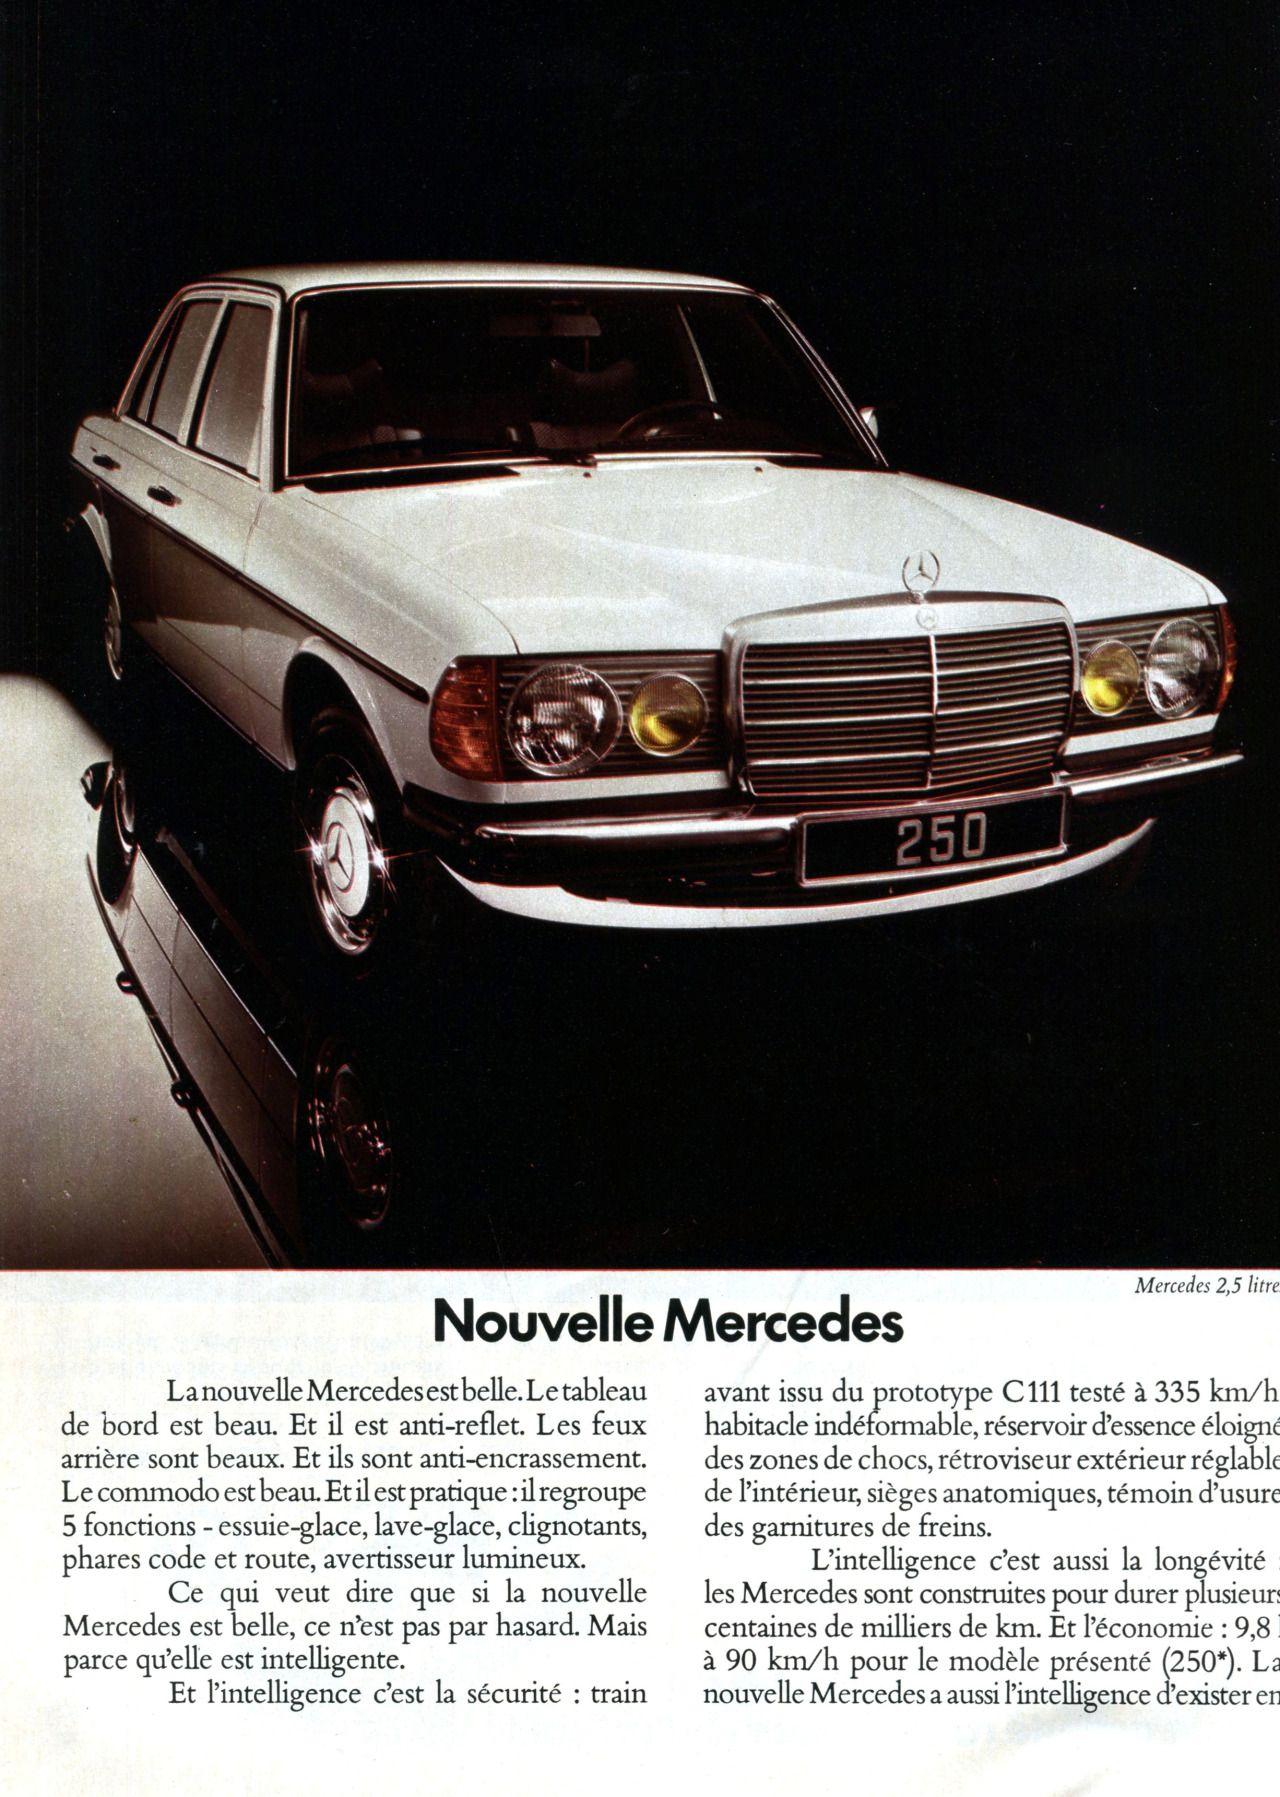 Publicité Mercedes L Automobile avril 1976 car ads